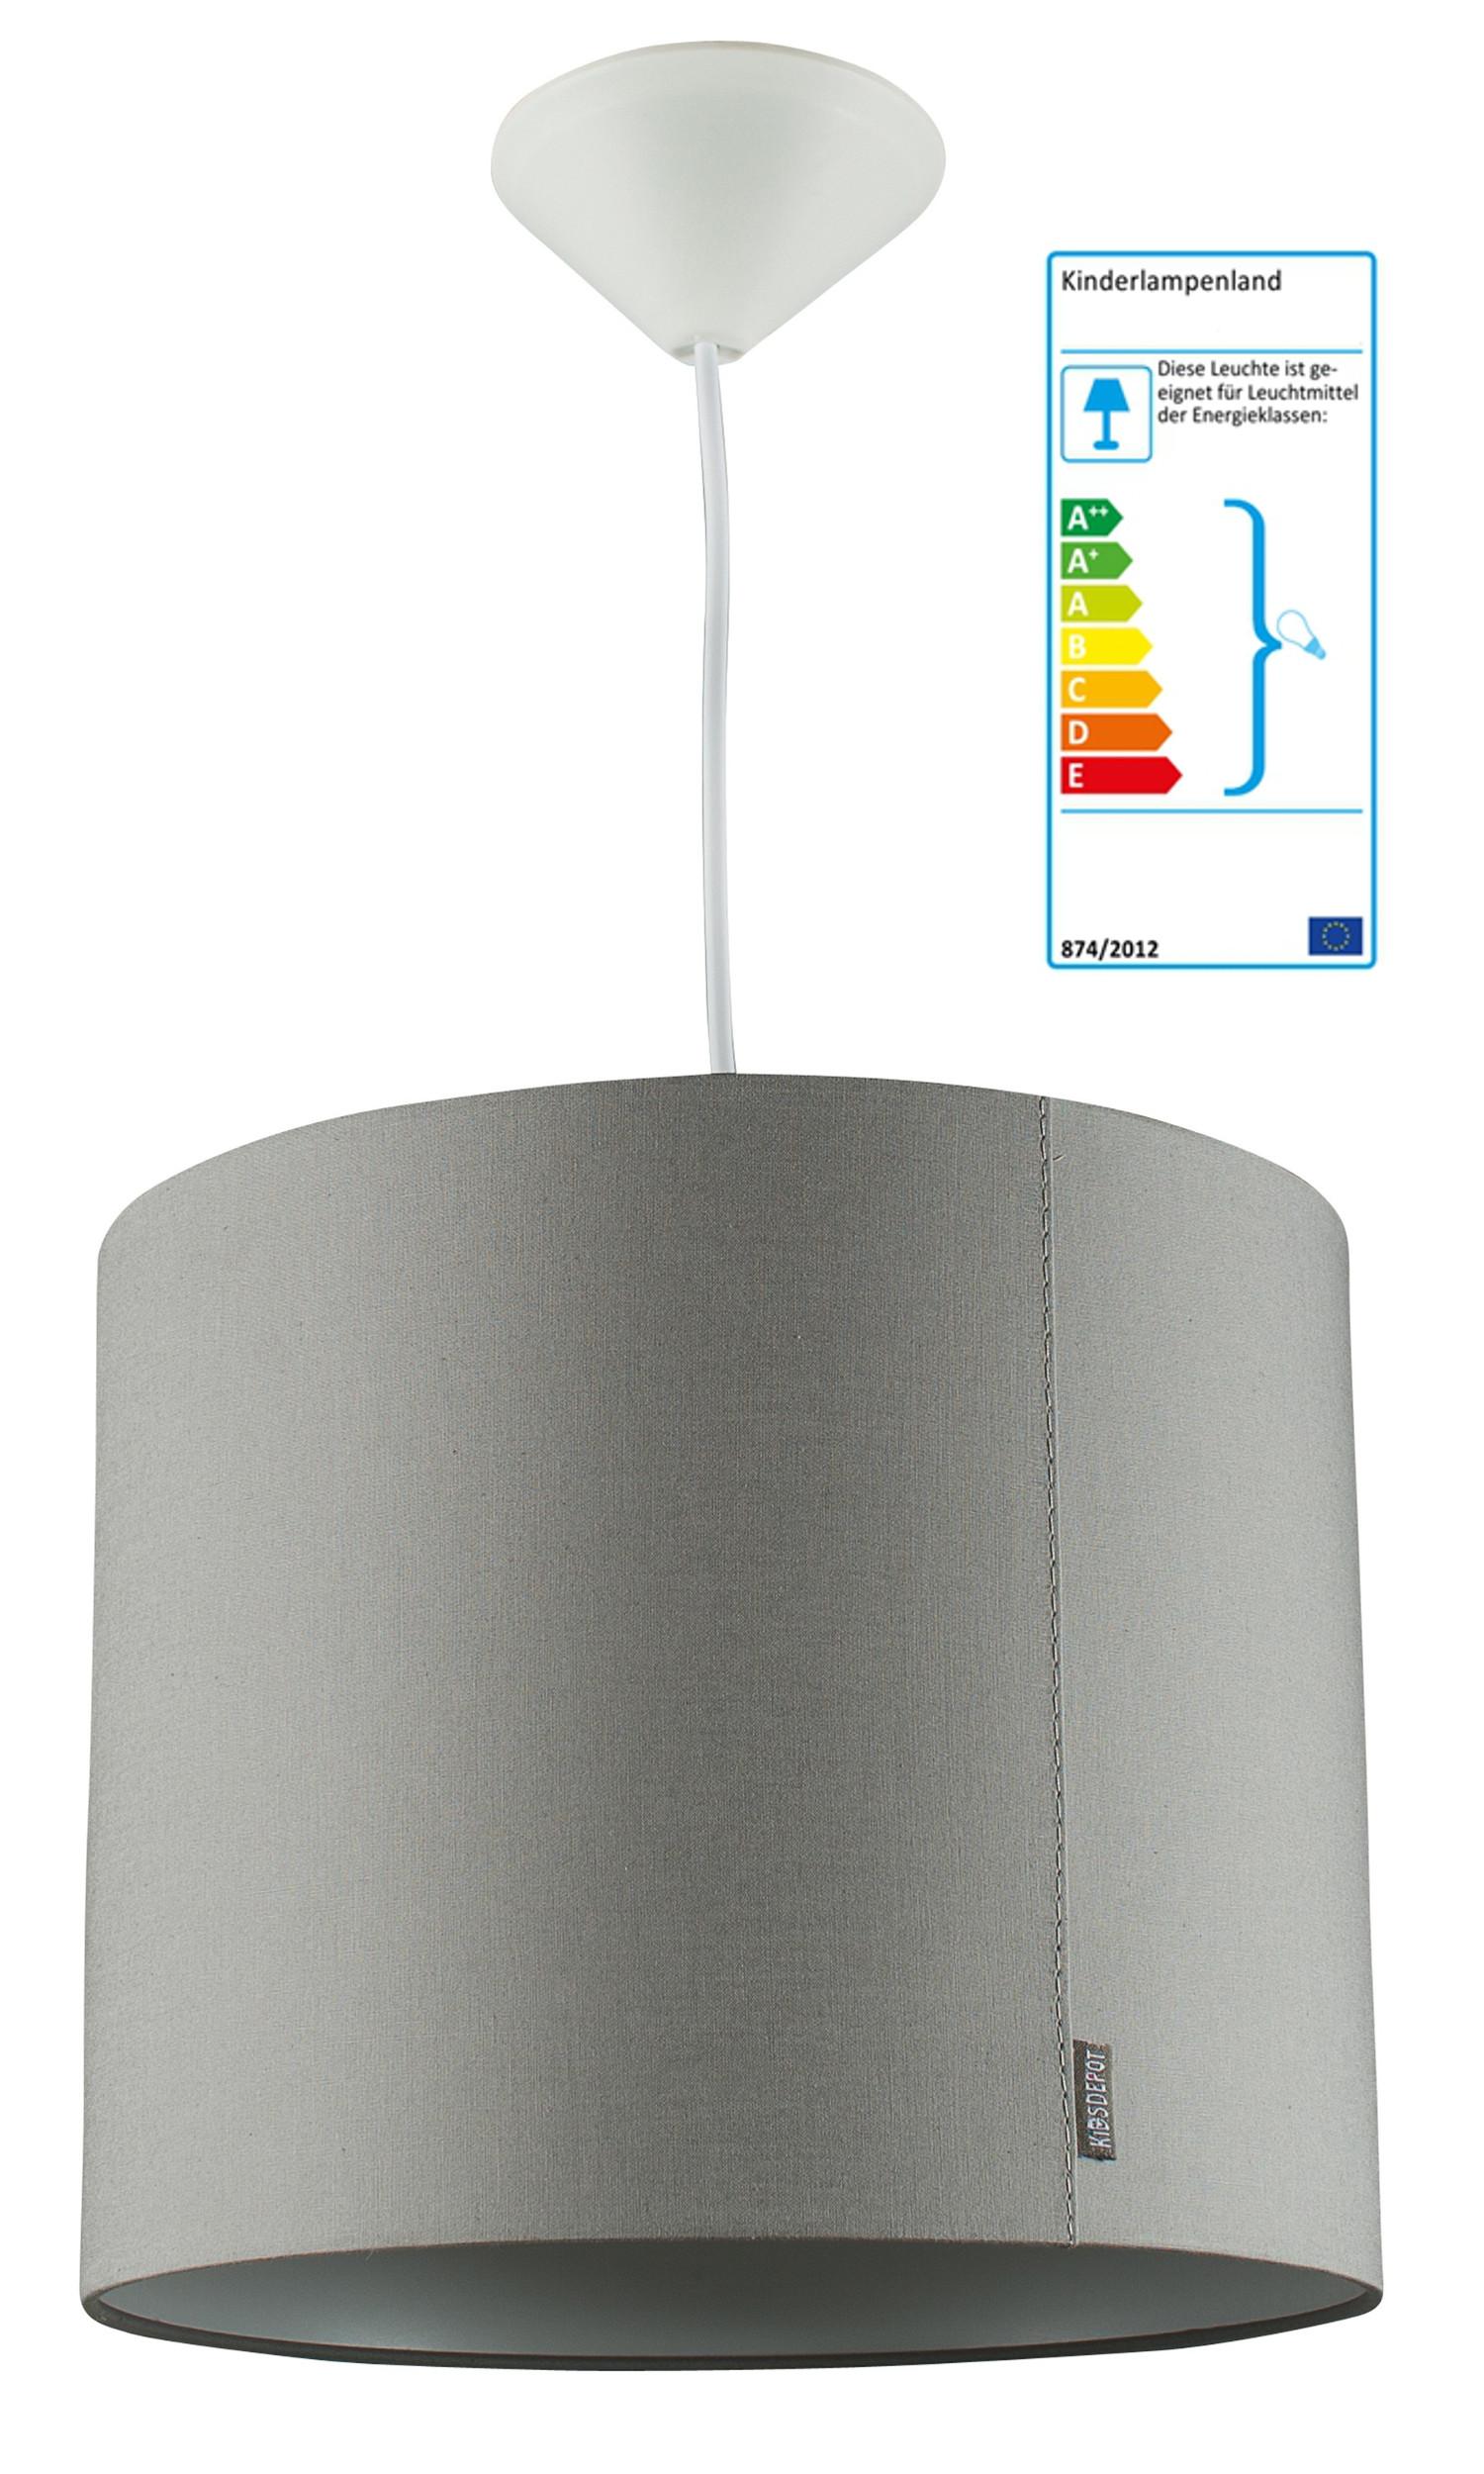 pendelleuchte wieber grau pendelleuchten mit stoff bezogen im kinderlampenland. Black Bedroom Furniture Sets. Home Design Ideas